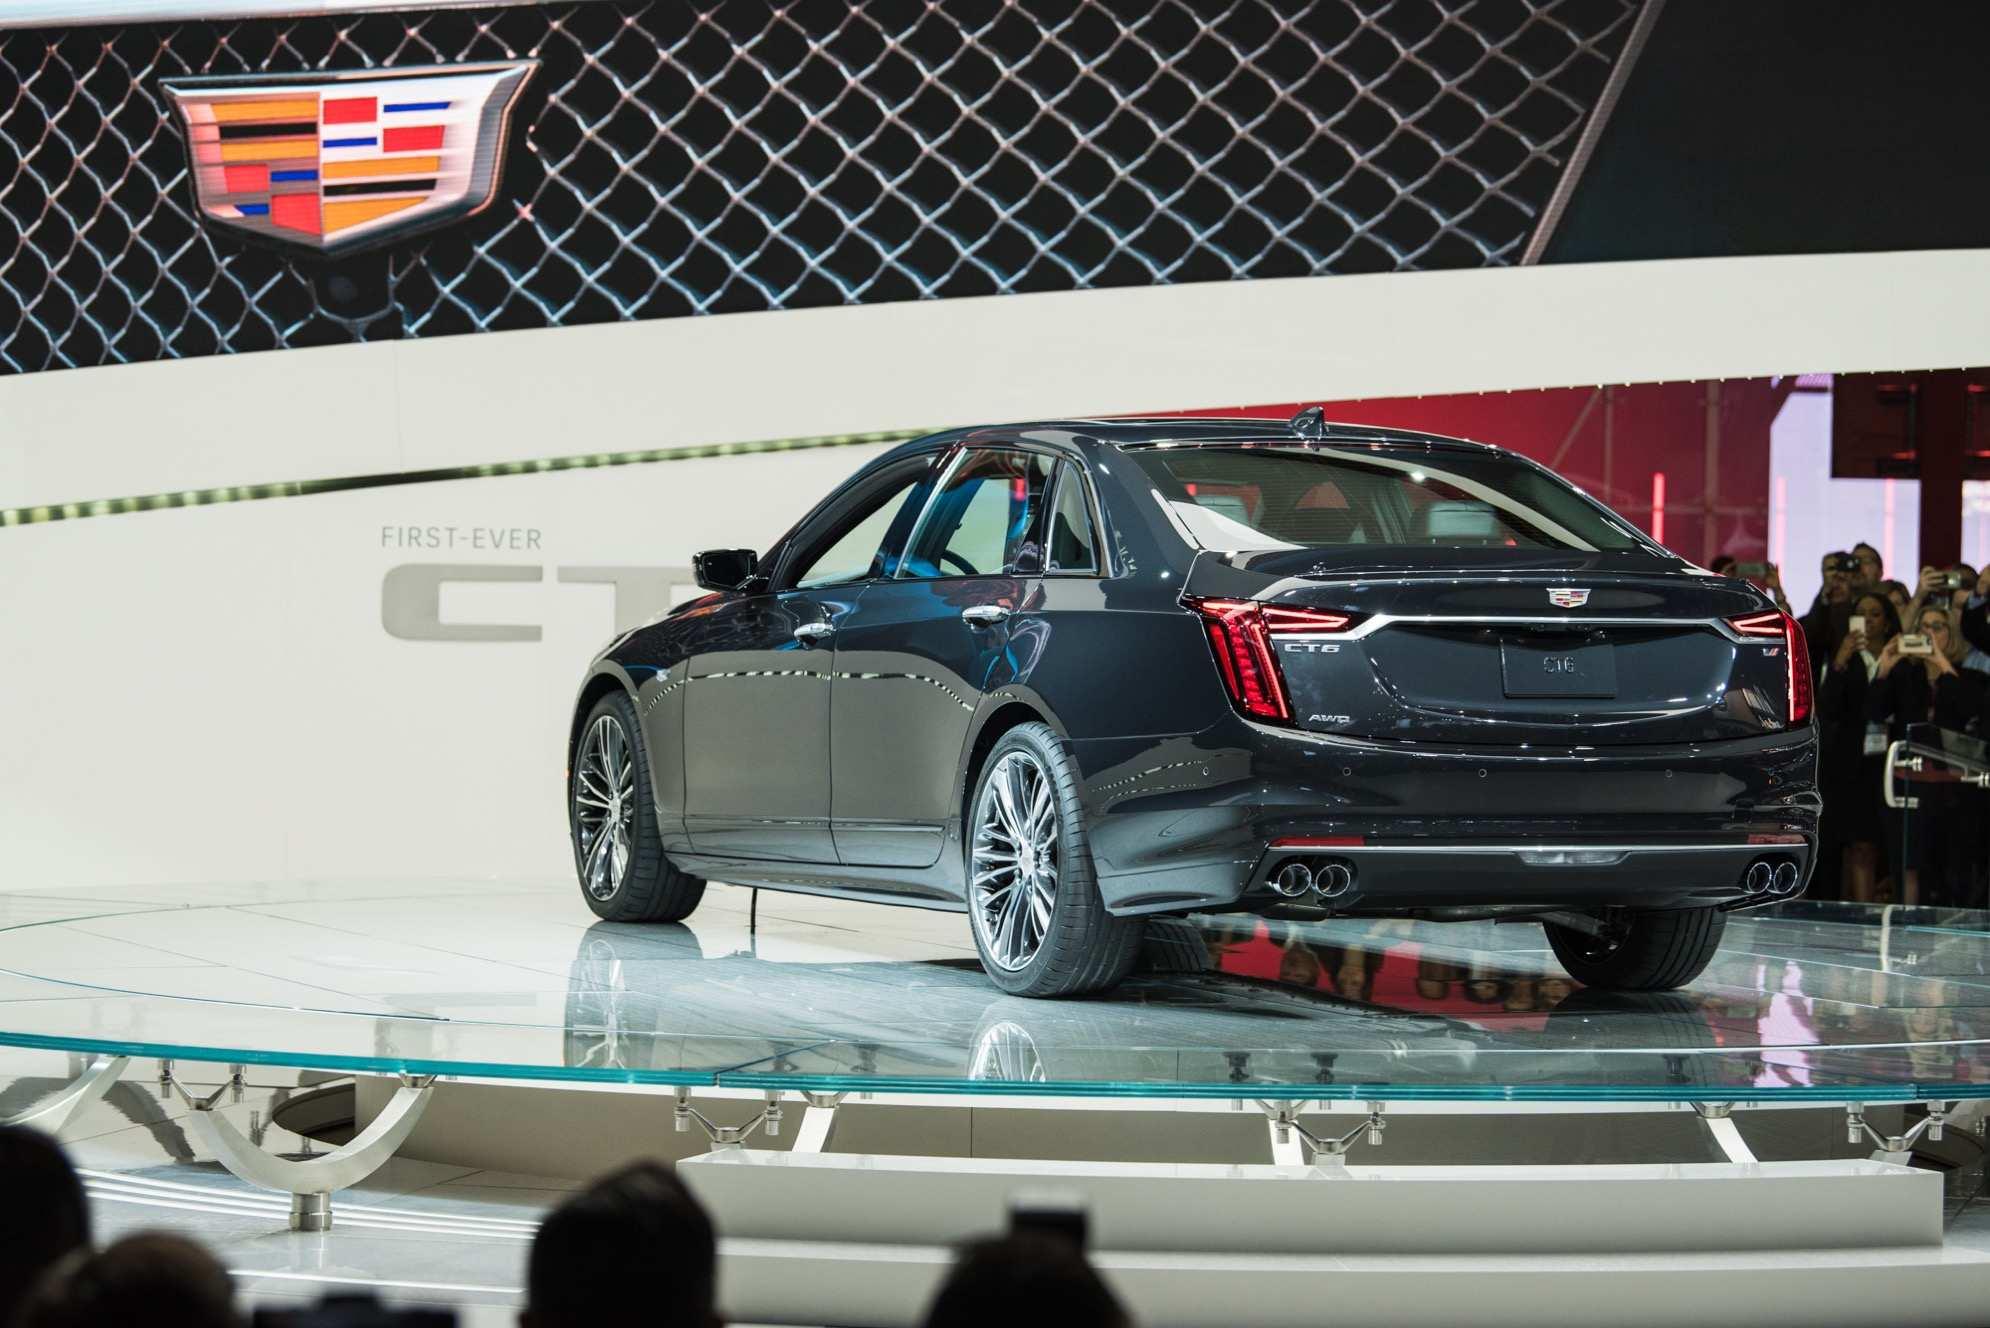 38 The 2019 Cadillac V8 Interior with 2019 Cadillac V8